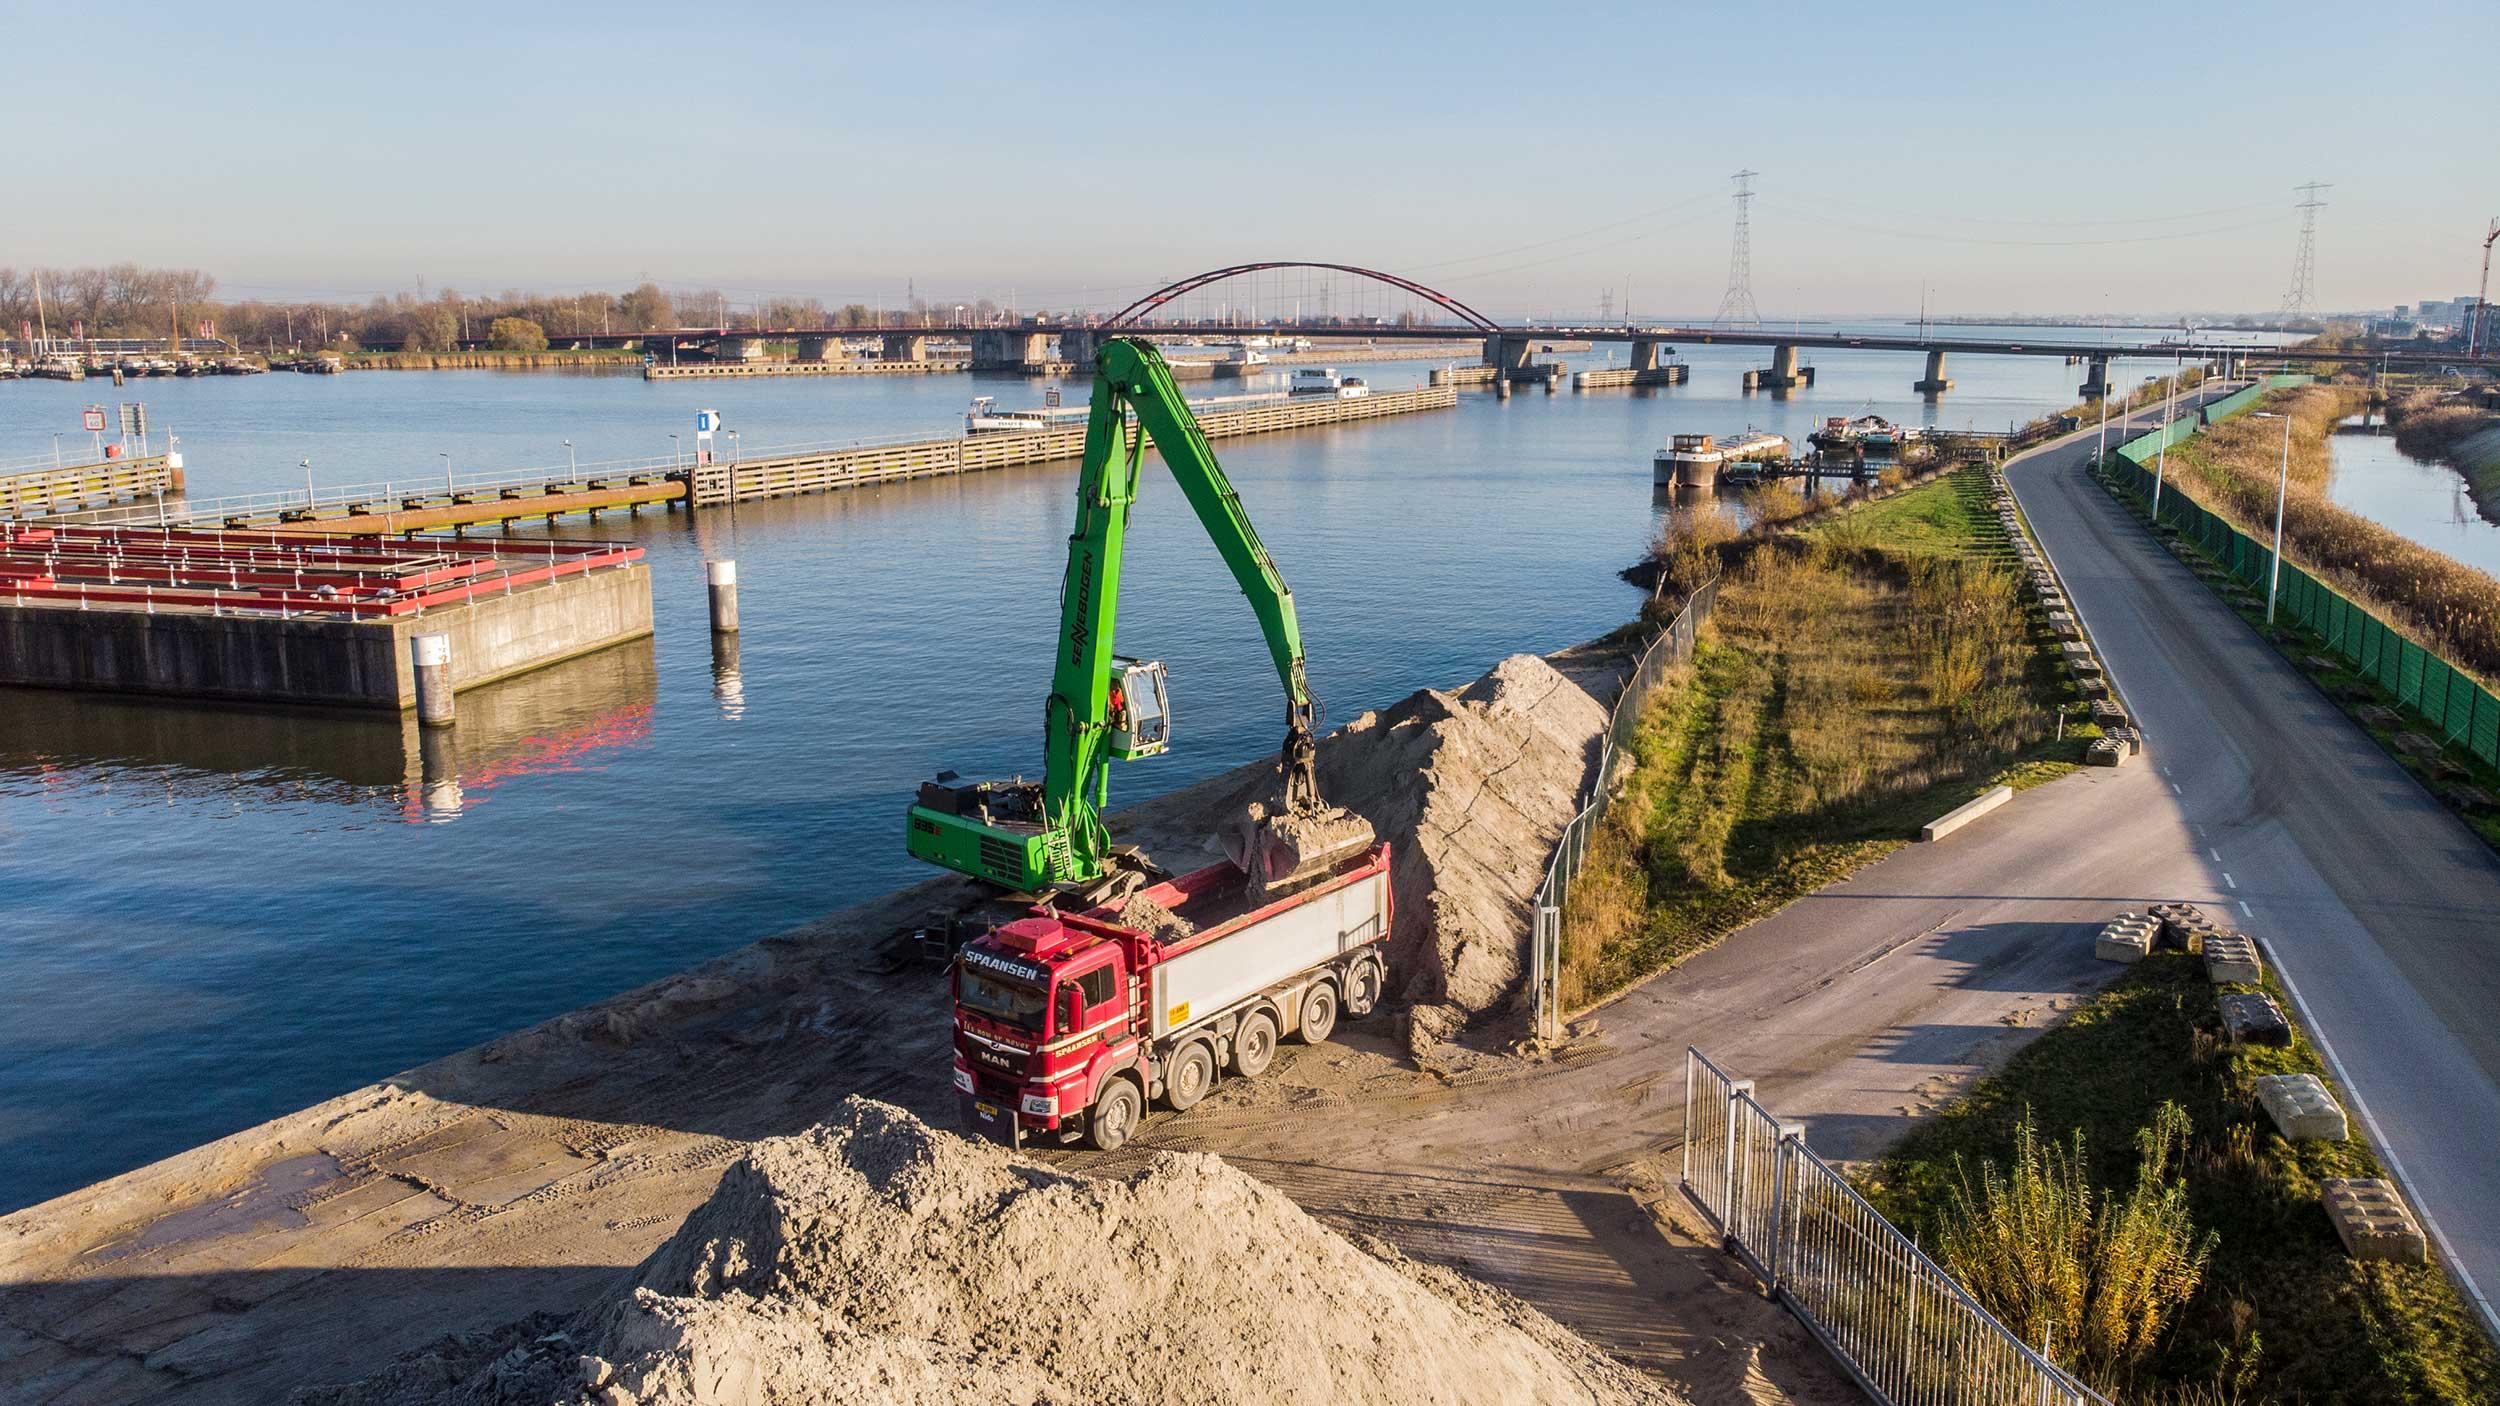 Spaansen levert zand in Amsterdam